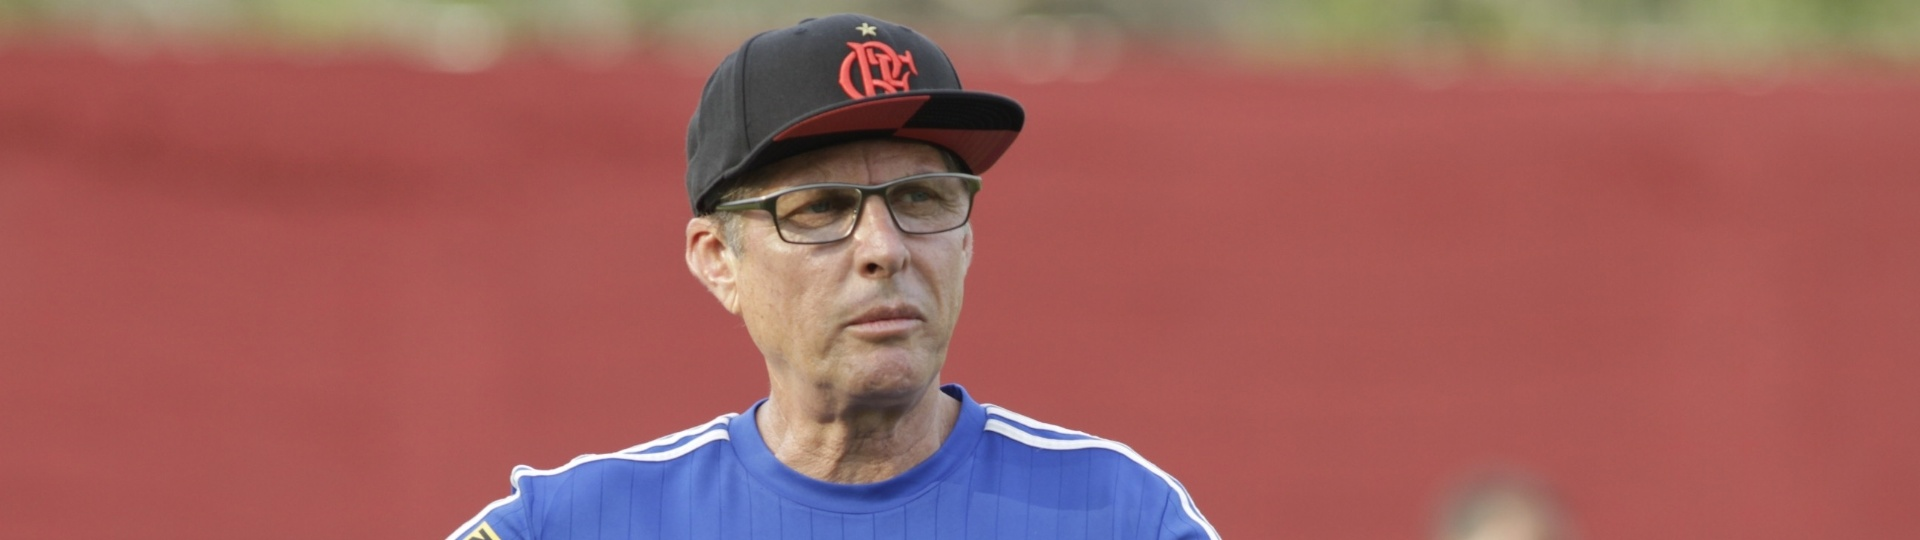 Oswaldo de Oliveira vive situação delicada no fim de temporada pelo Flamengo